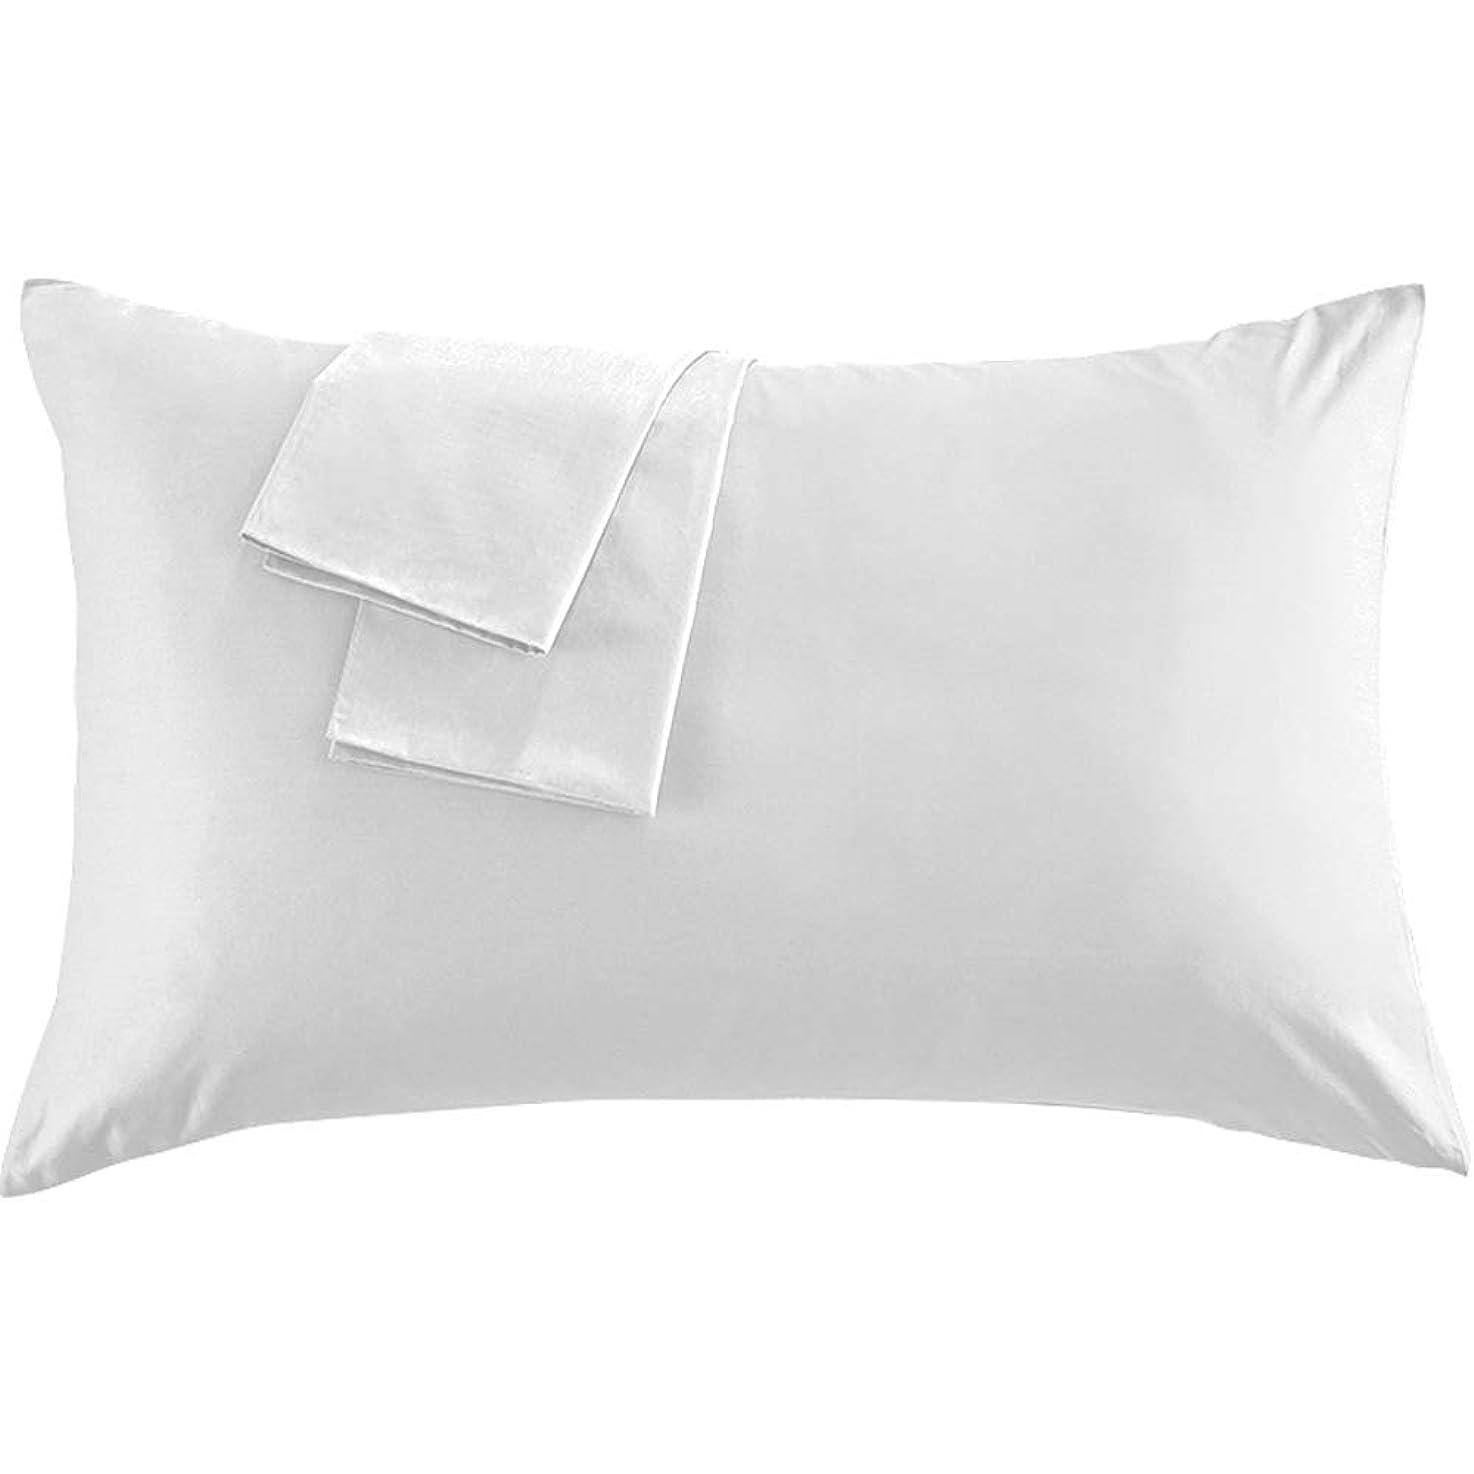 値下げレジ専ら枕カバー 上質な綿100% 300本高密度生地 ホテル品質 雲のように柔らかな手触りがあり 封筒式 防ダニ 抗菌 防臭 選べる9色 3サイズ (35×50cm, ホワイト)